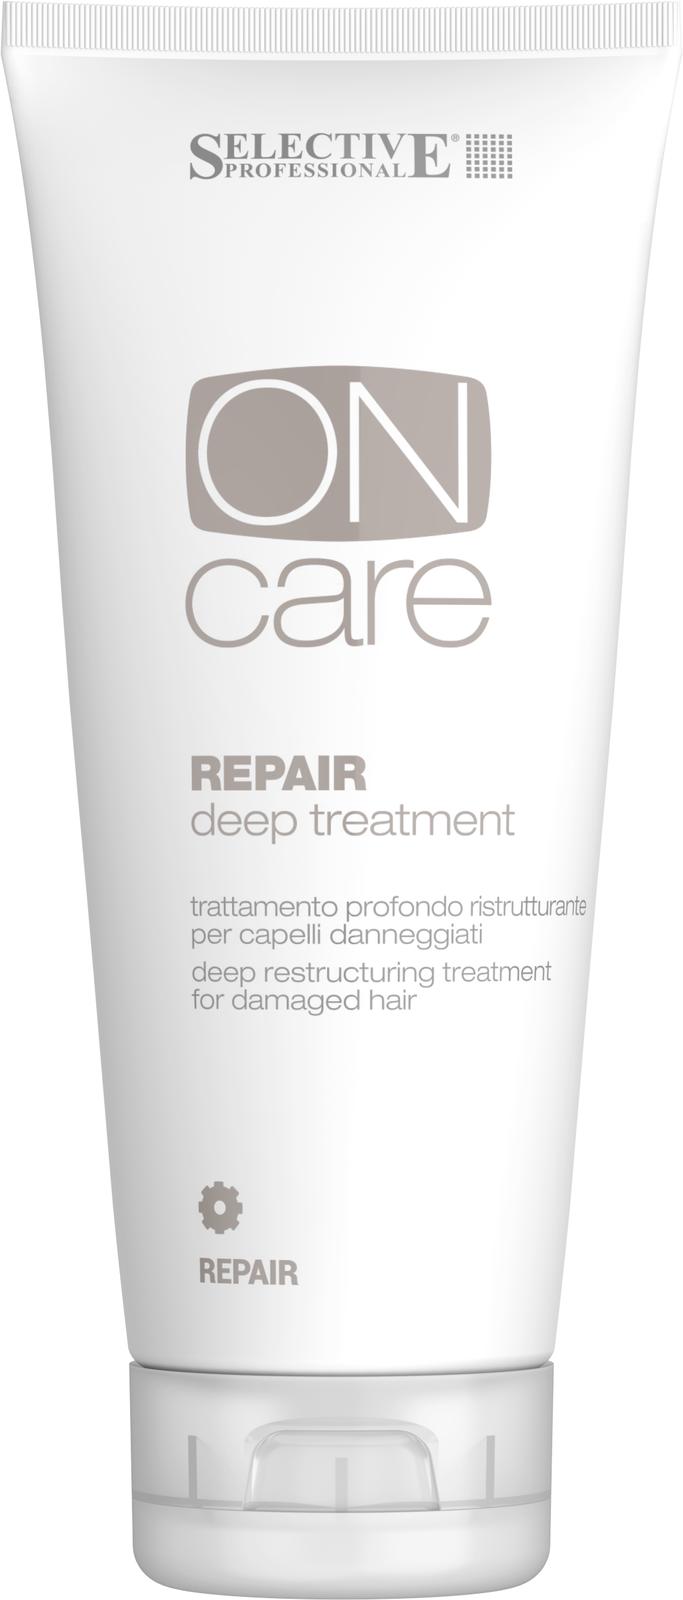 цена на SELECTIVE PROFESSIONAL Средство глубокого восстановления поврежденных волос / On Care Repair 250 мл